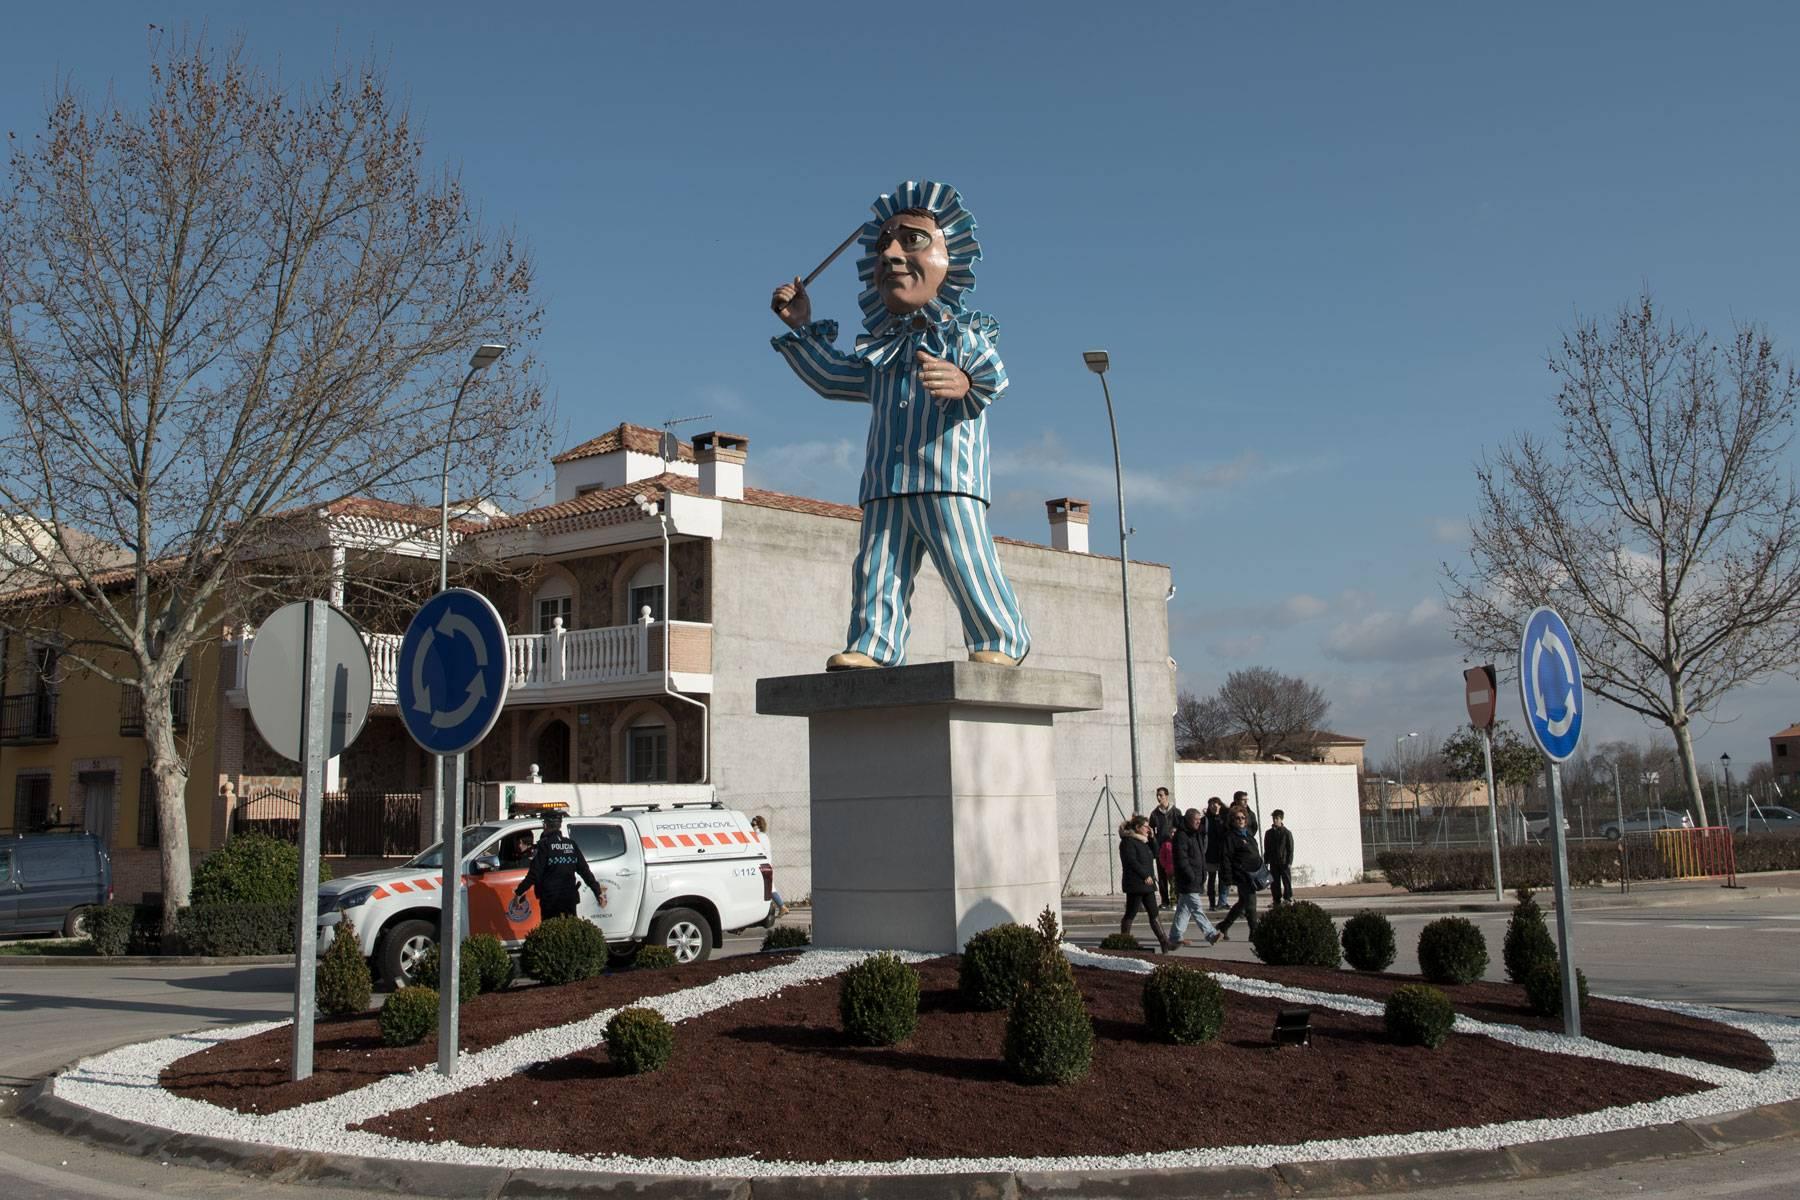 escultura perle carnaval de herencia rotonda estatua - La escultura de Perlé es una realidad y todos lo hicieron posible